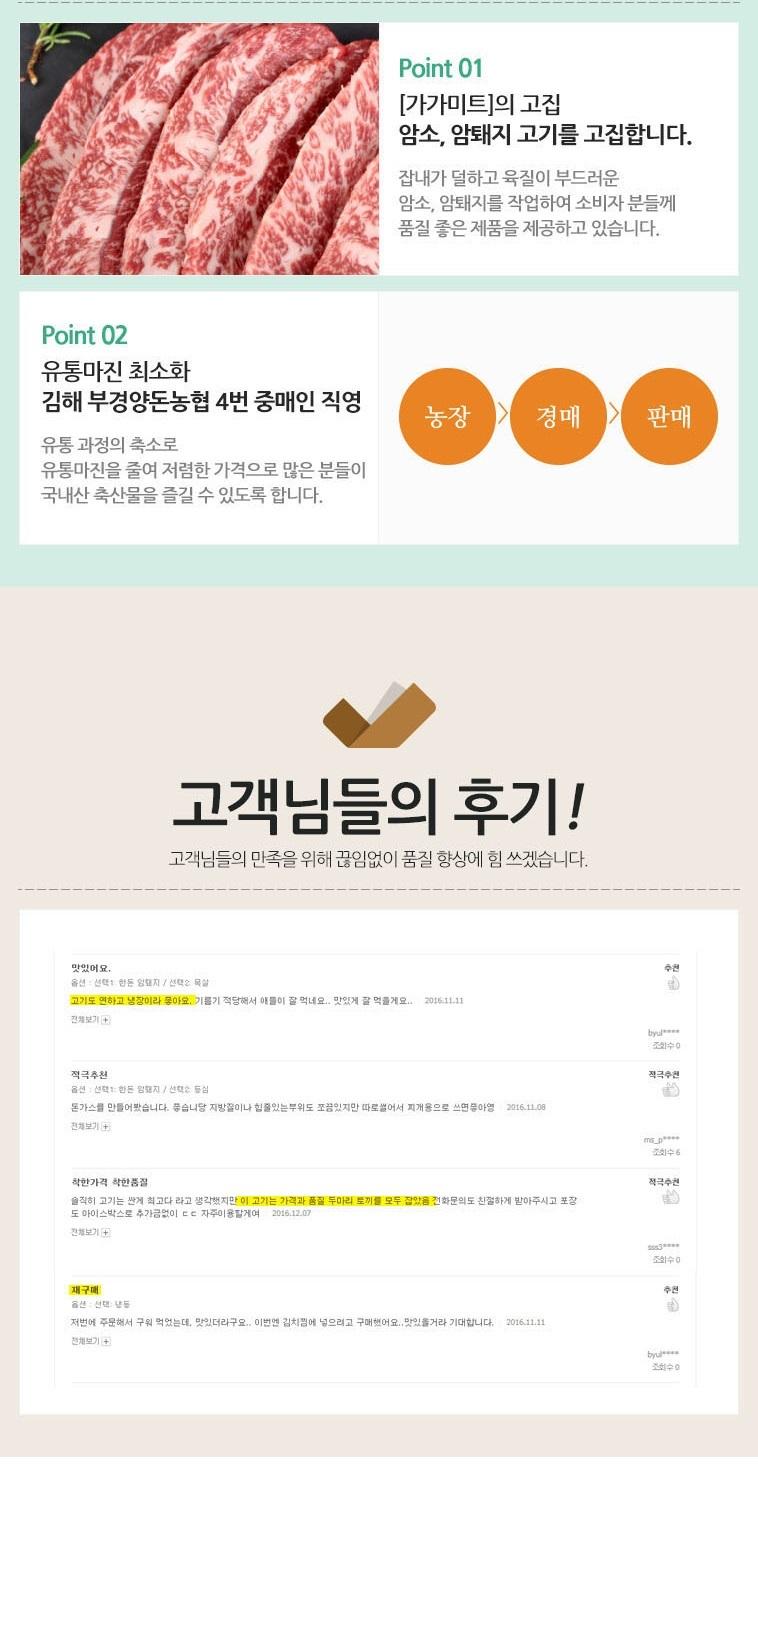 [명예의전당] 한우, 한돈 골라담기 - 상세정보